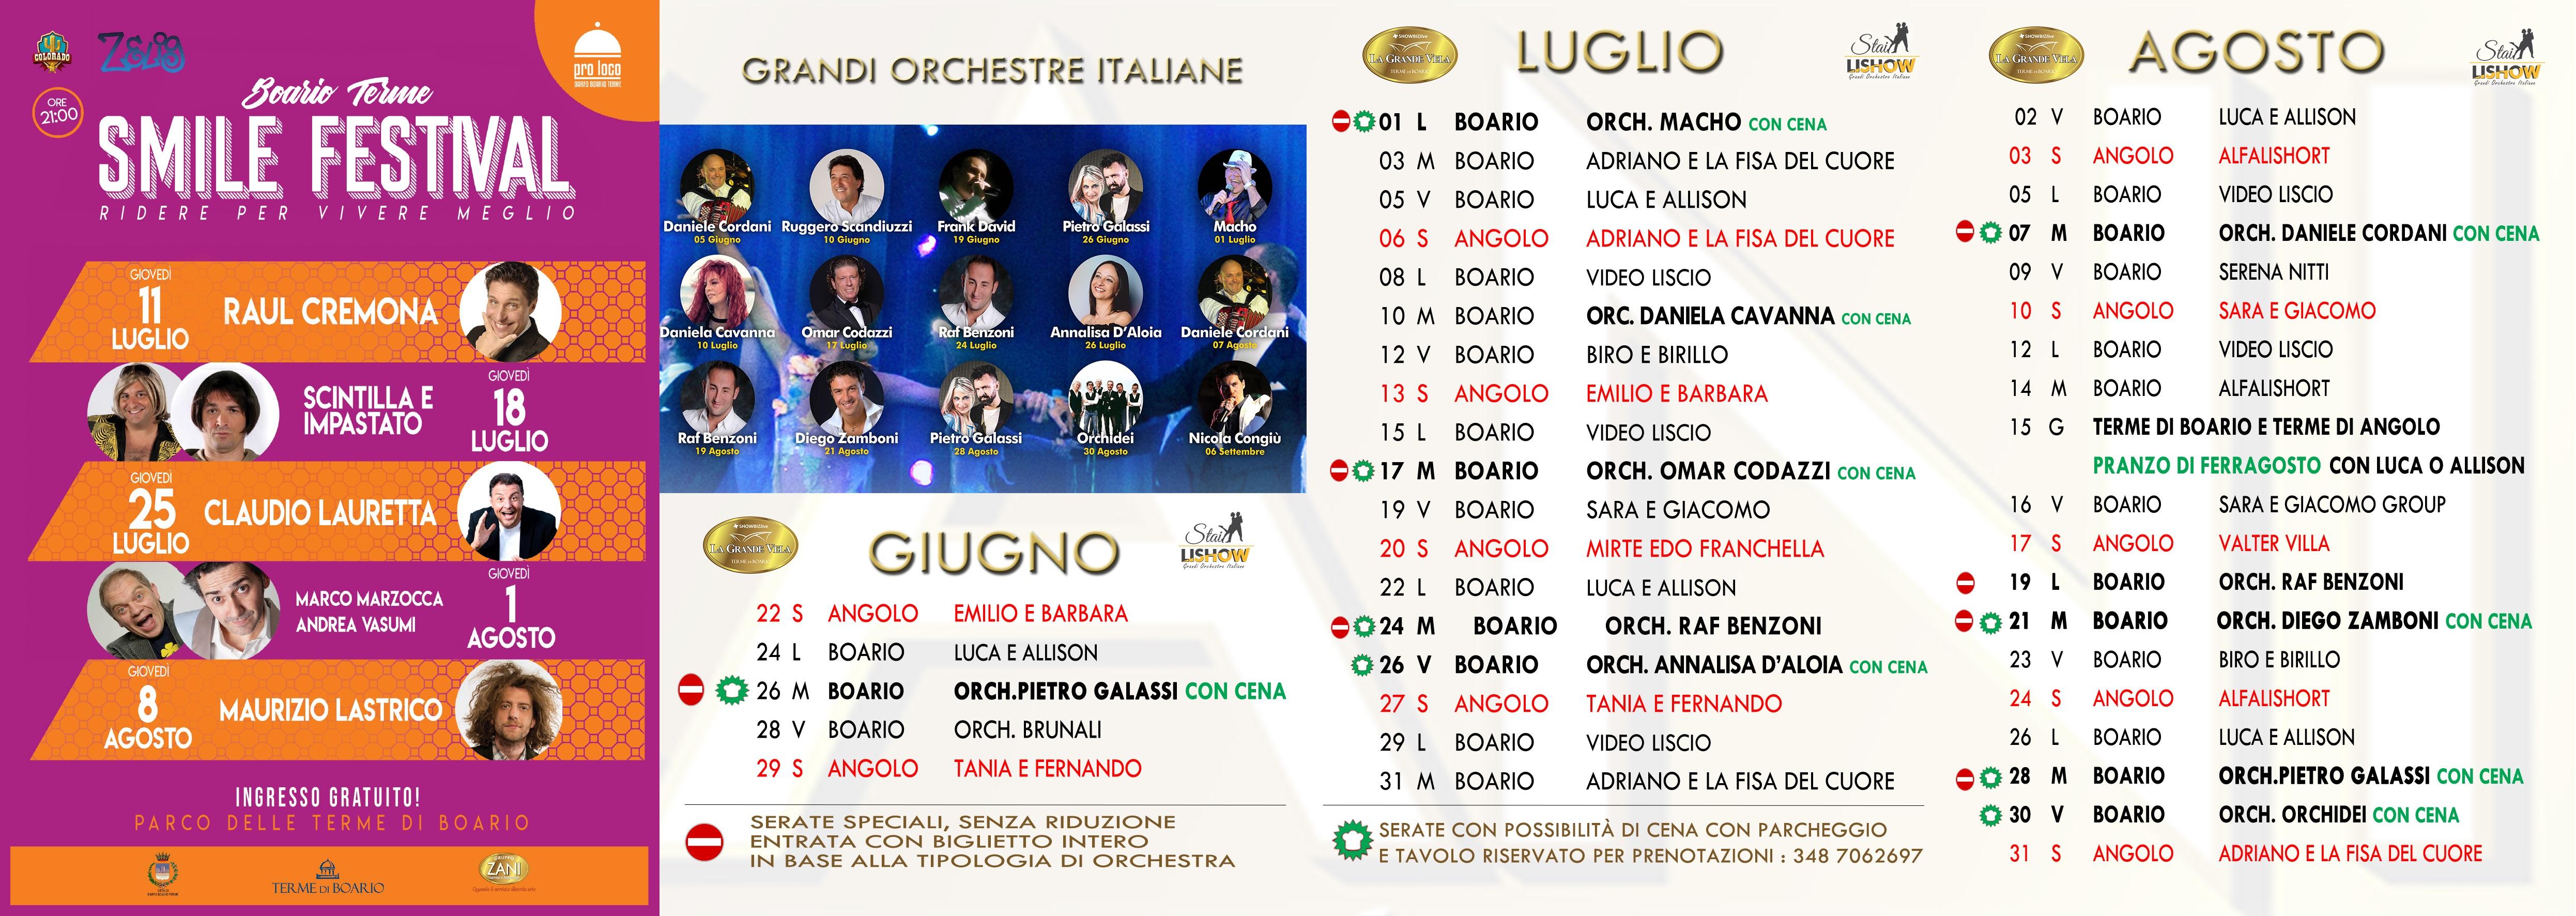 Calendario Orchestre